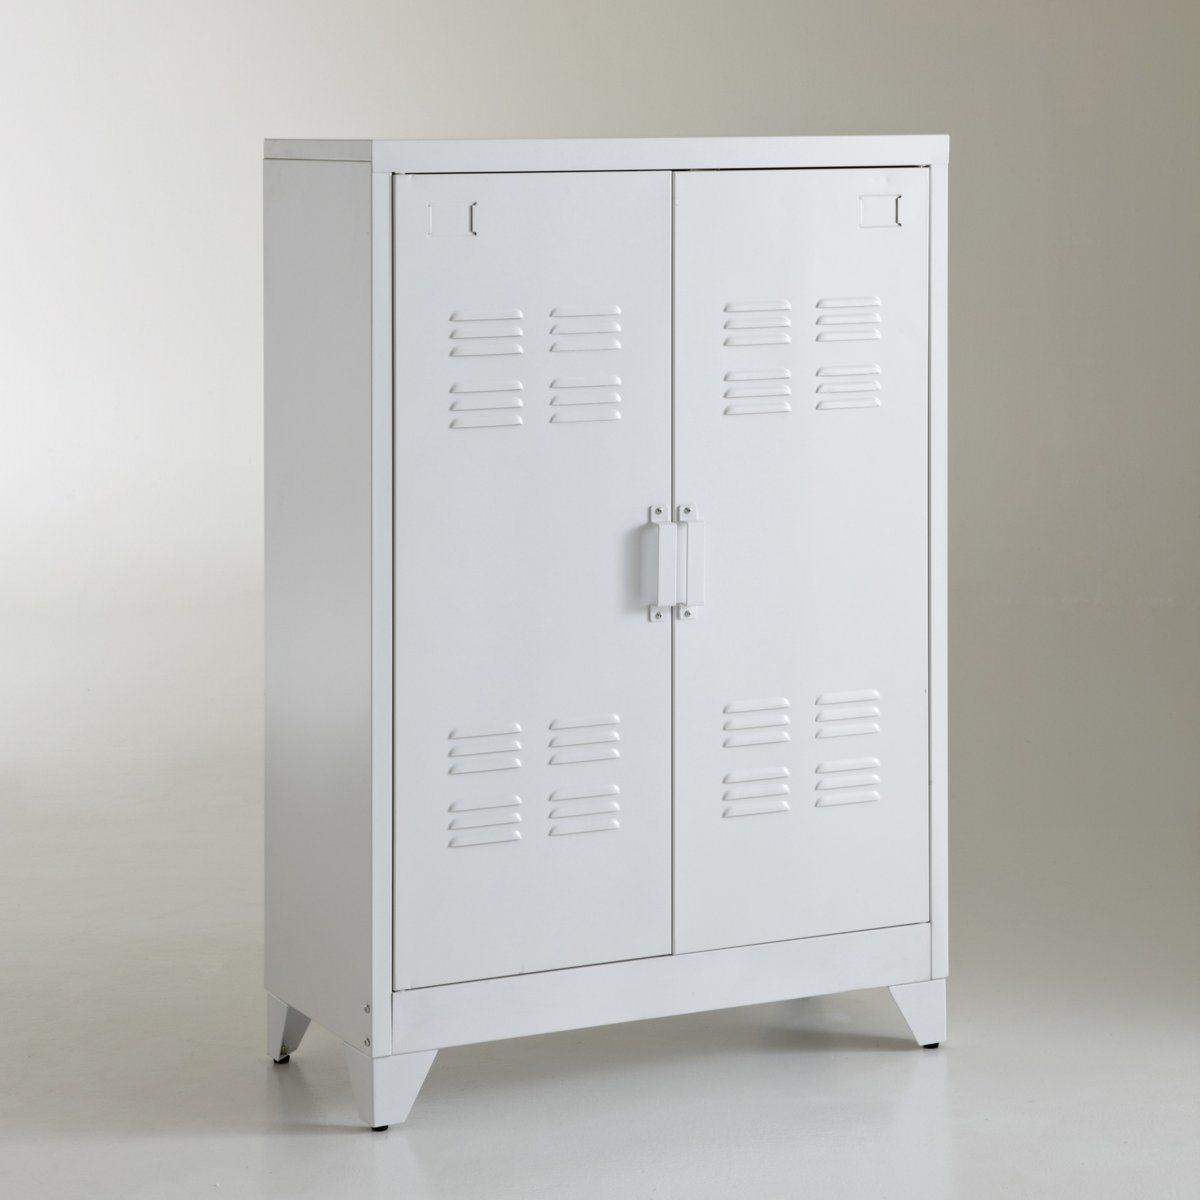 Шкаф вестибюльный из металла HibaШкаф металлический с 2 дверками Hiba, идеален для антресоли, в стиле нео-индустриальной гардеробной : в минималистическом и солидном стиле . Для версии серый металлик, эффект старины делает каждое изделие уникальным . Неоднородность, которая может проявиться, подчеркивает аутентичность изделия .Описание шкафа для анресоли Hiba  :2 полкиХарактеристики шкафа Hiba  :Металл с эпоксидным покрытием Найдите другую мебель и модели из коллекции Hiba на нашем сайте .ru.Размеры шкафа Hiba :Общие : Ширина : 75 см.Высота : 110 см.Глубина : 33 см.Полезные размеры :74,70 x 91,30 x 29 см Размеры и вес посылки :1 посылка116 x 22 x 47 см  23 кг Доставка :Шкаф металлический для гардеробной, Hiba продается готовым к сборке  . Доставка до квартиры !Внимание ! Убедитесь в том, что посылку возможно доставить на дом, учитывая ее габариты.<br><br>Цвет: белый,серый,черный